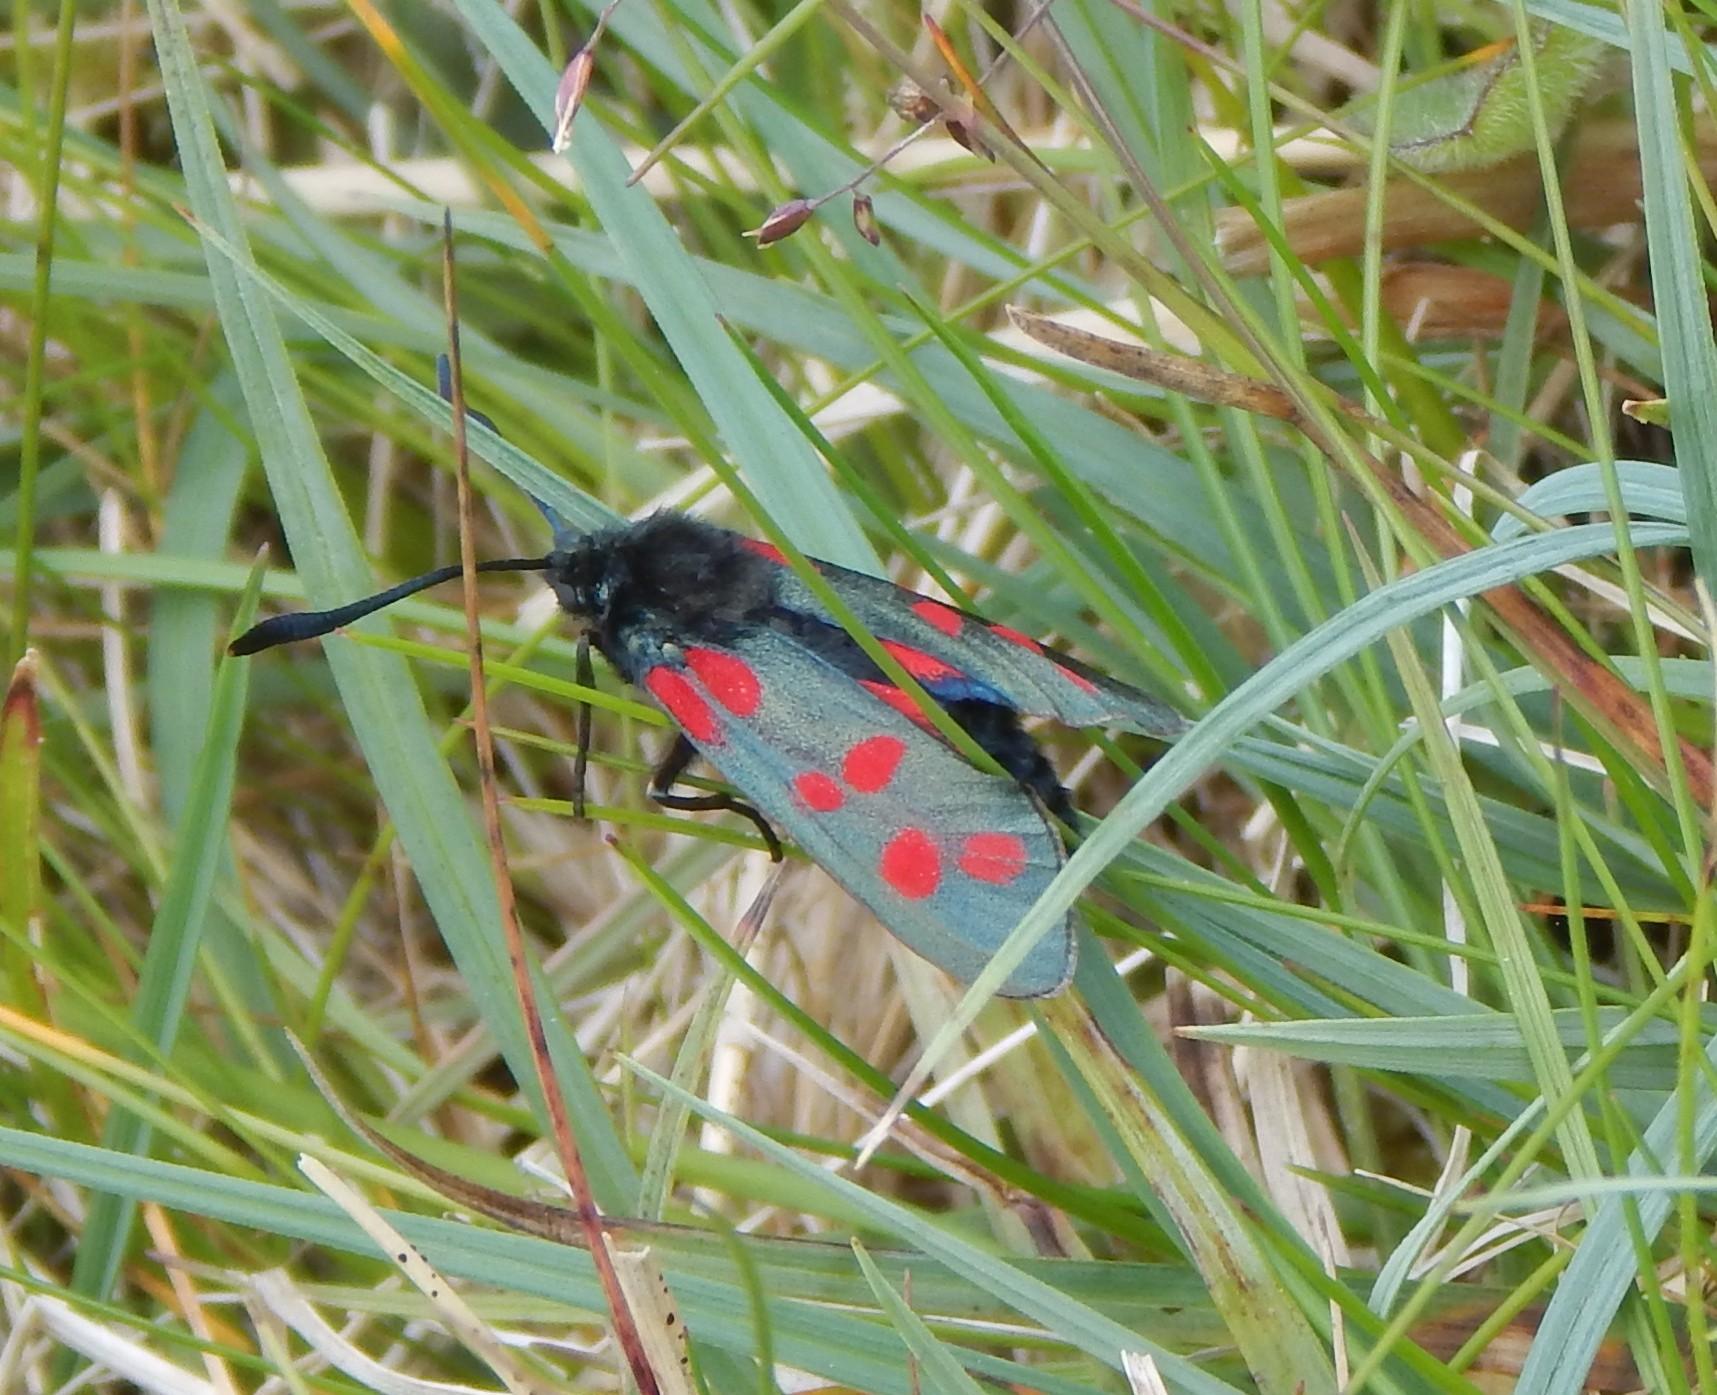 Six-spot burnet moth. Credit John Bowler